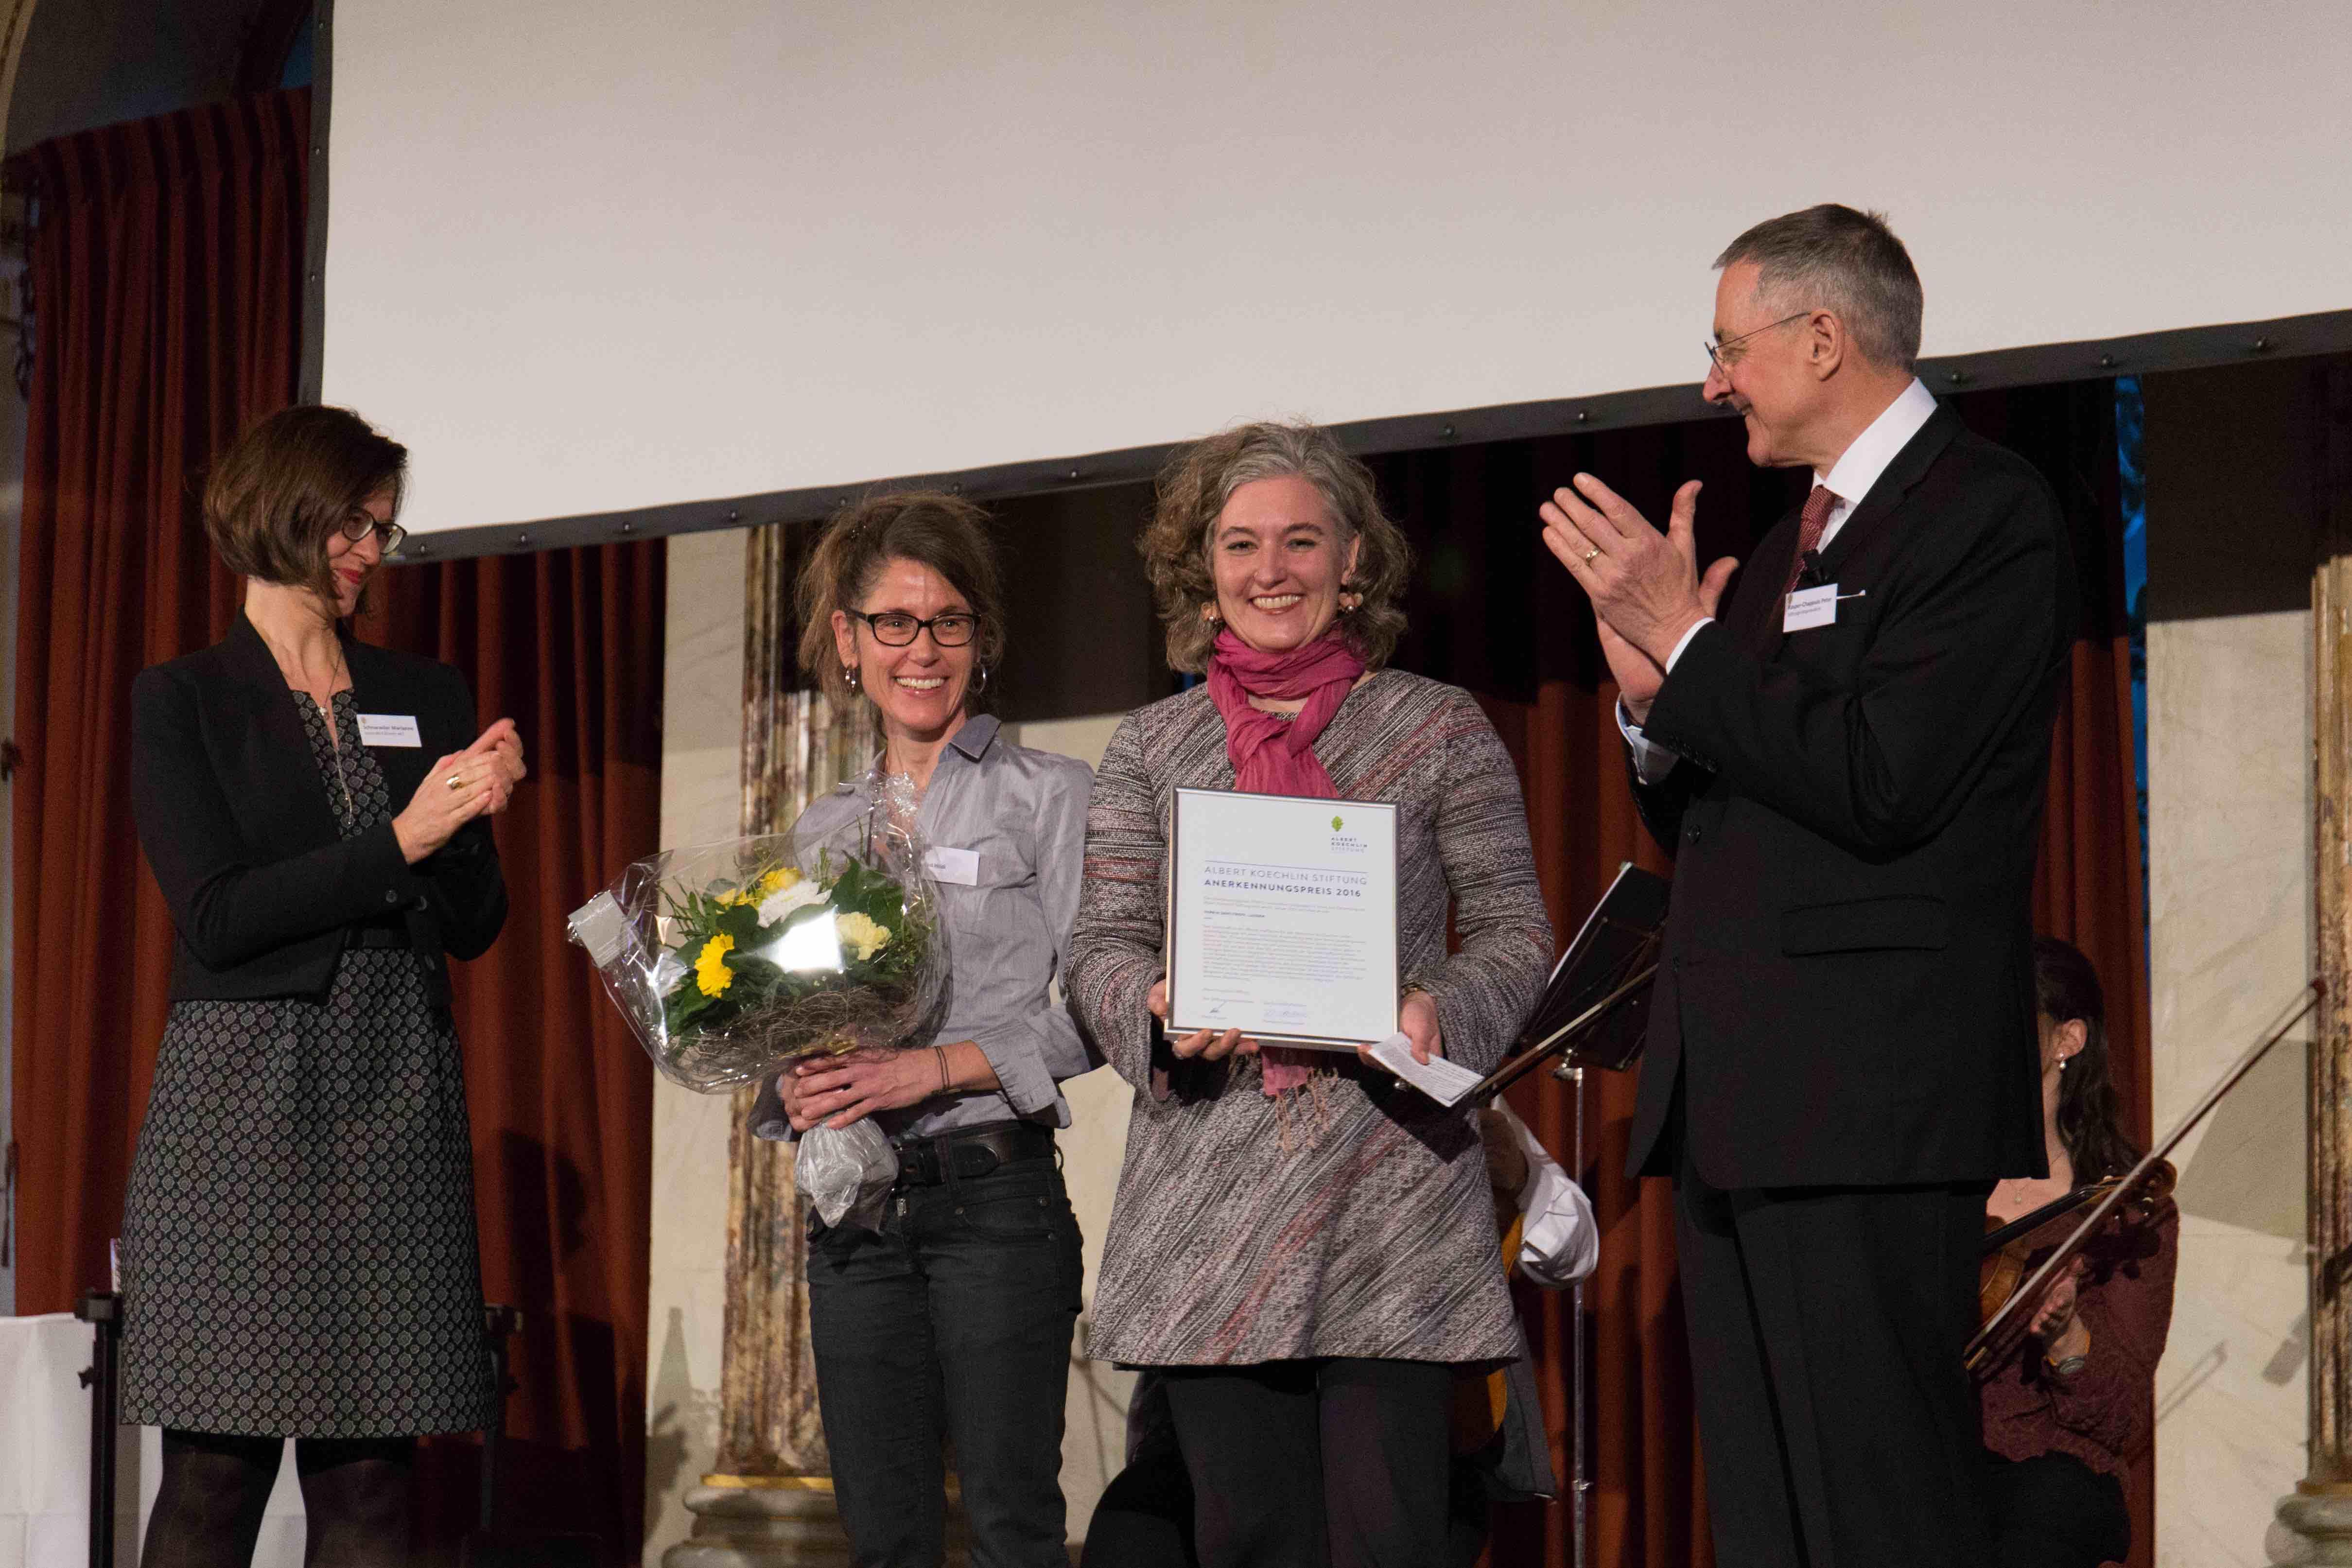 Die beiden Vertreterinnen des Vereins Sentitreff, Heidi Rast, Koordinatorin (zweite von links) und Co-Präsidentin Nadja R. Buser bei der Preisübergabe durch die Albert Koechlin Stiftung.